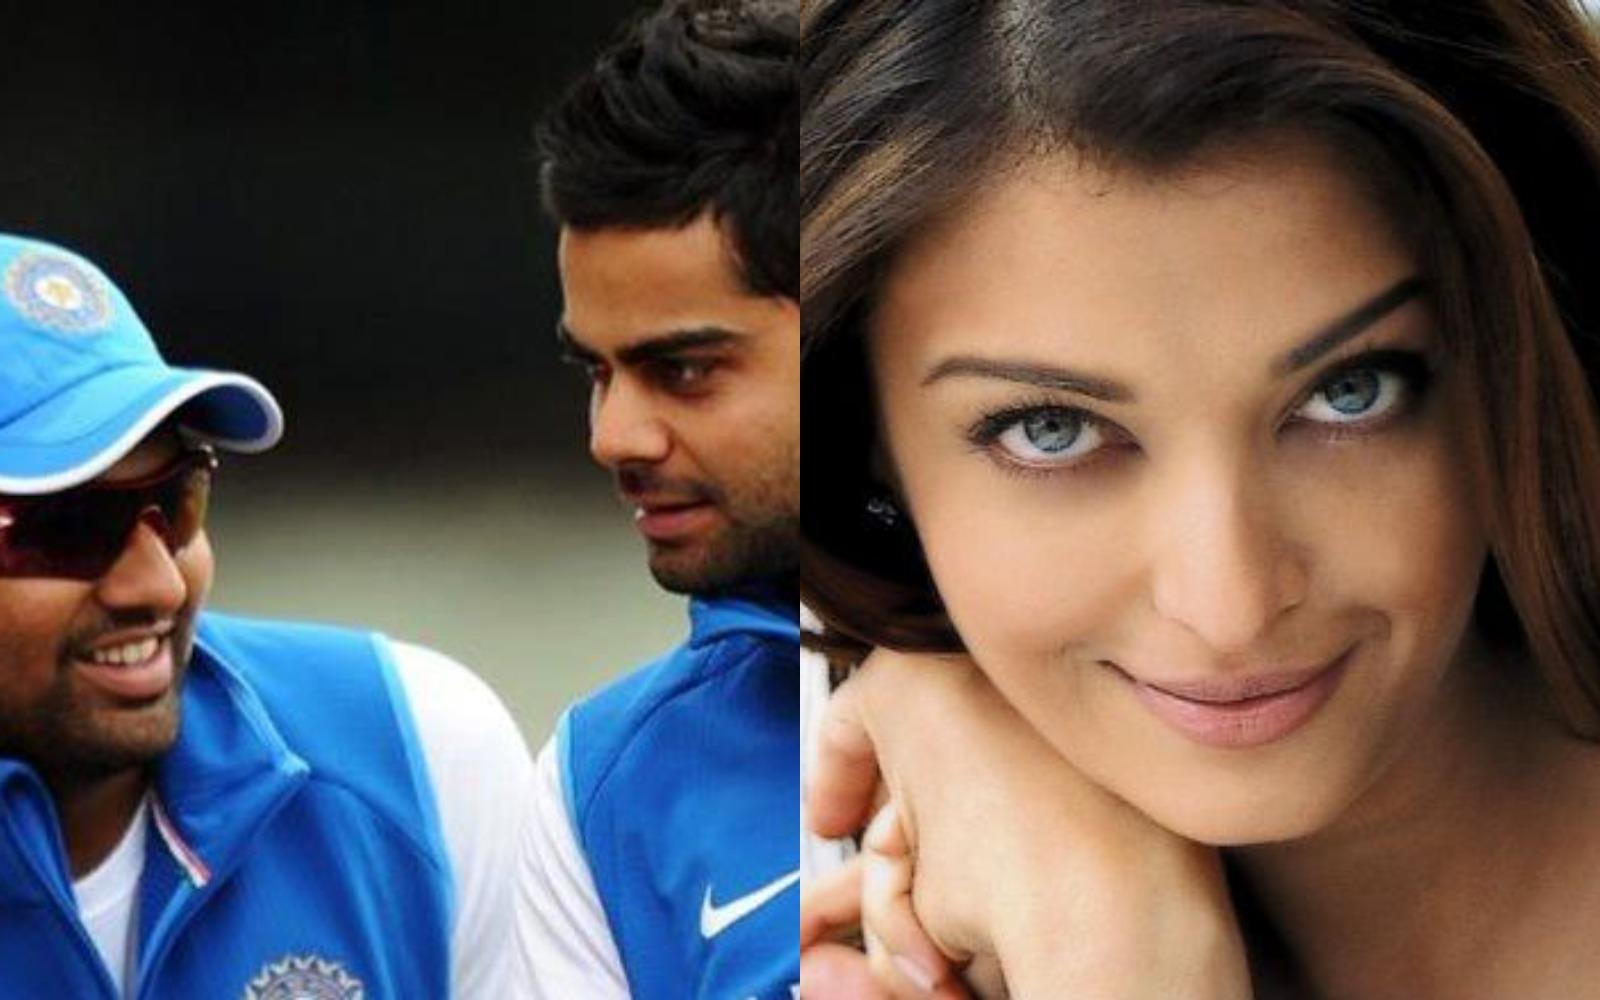 #TOP10: ভারতীয় ক্রিকেটারদের পছন্দের অভিনেত্রী, যাদের জন্য করতে পারেন কোটি কোটি টাকা খরচ 12